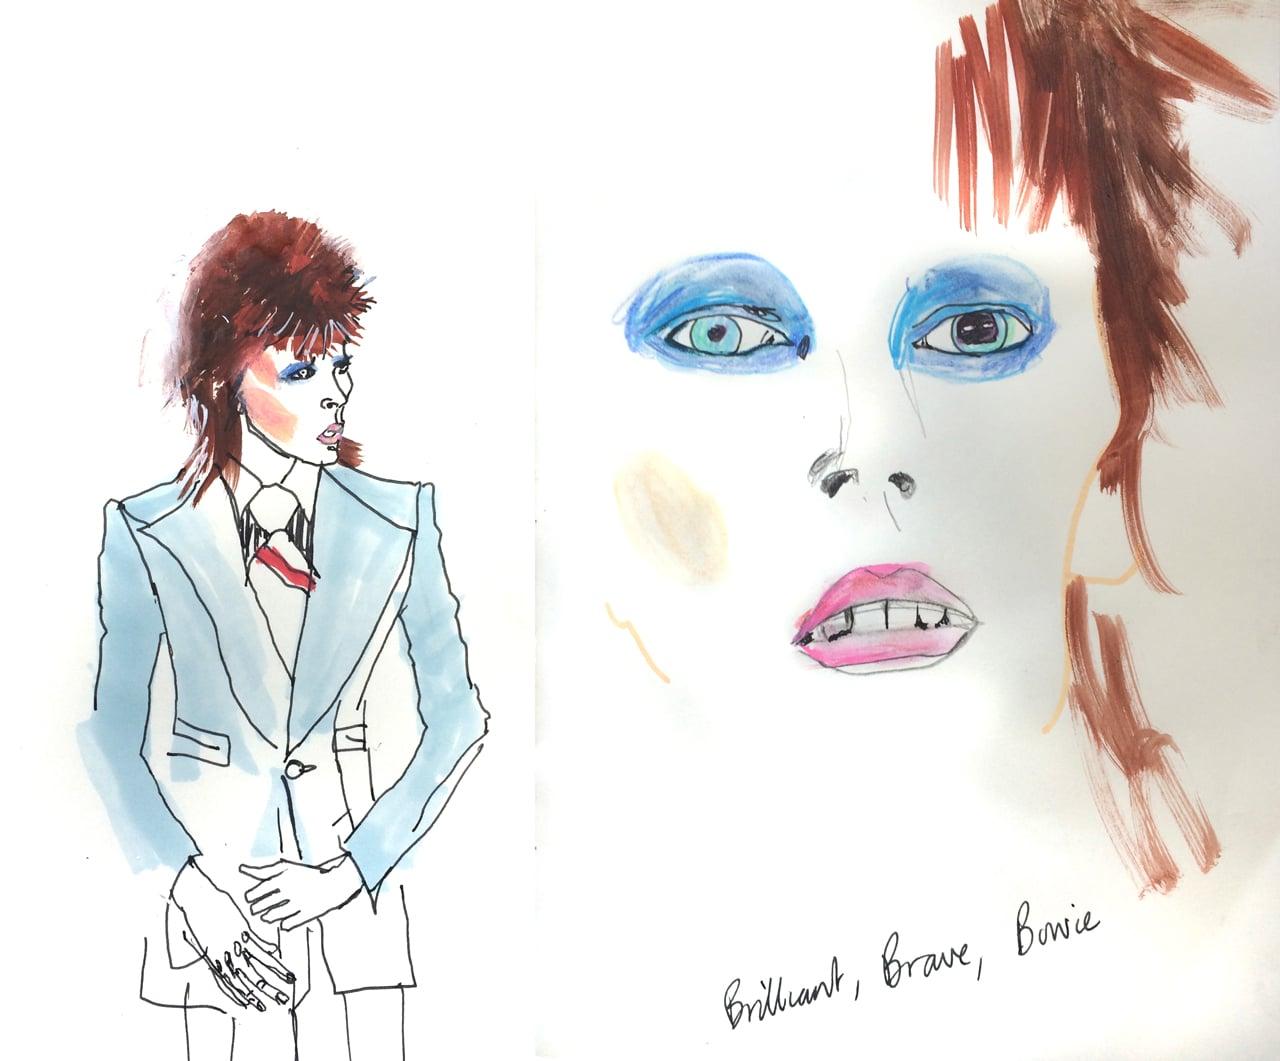 Brilliant, Brave, Bowie